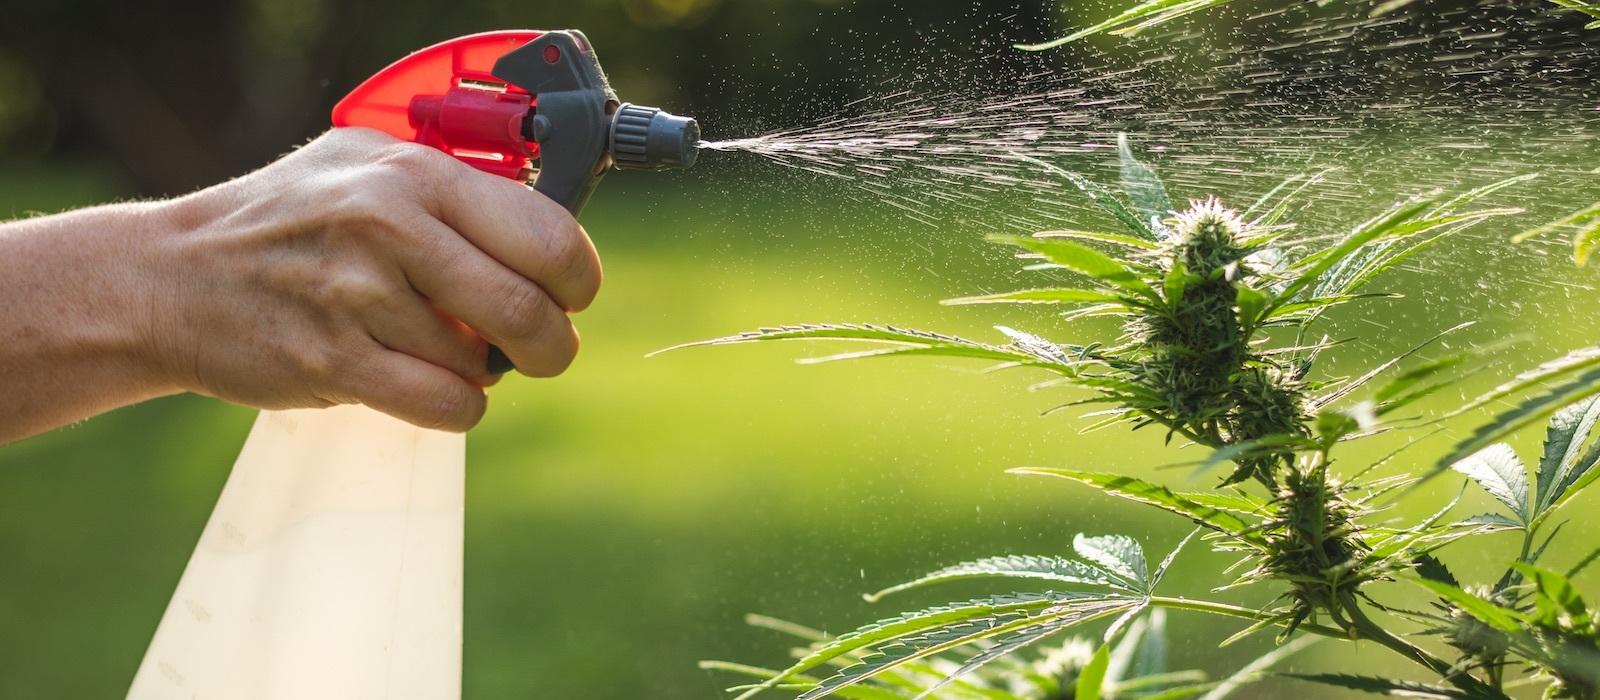 Quali strumenti servono per coltivare canapa all'aperto?